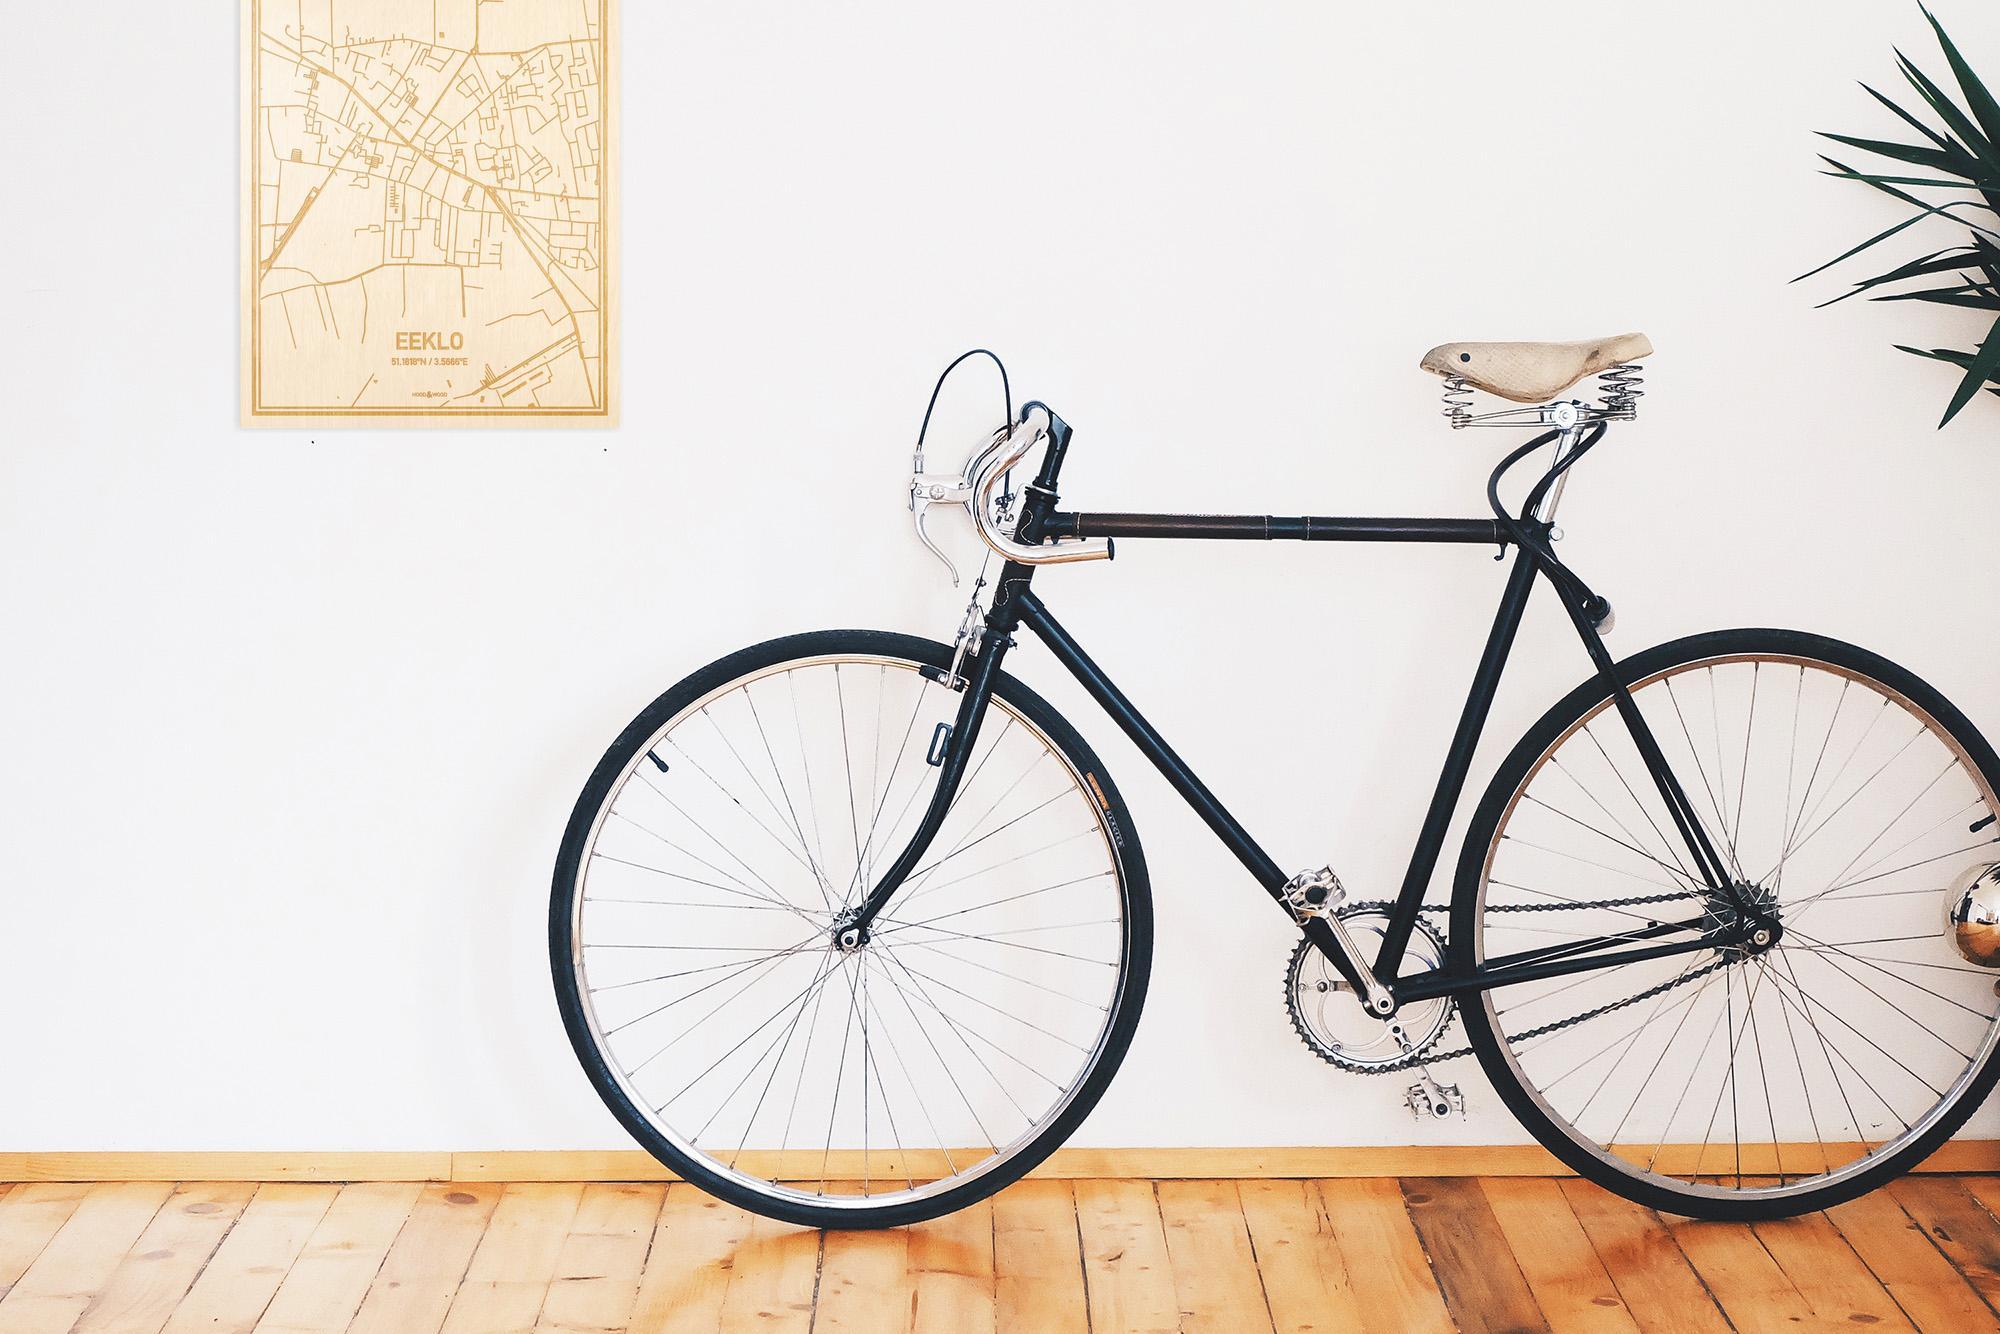 Een snelle fiets in een uniek interieur in Oost-Vlaanderen  met mooie decoratie zoals de plattegrond Eeklo.